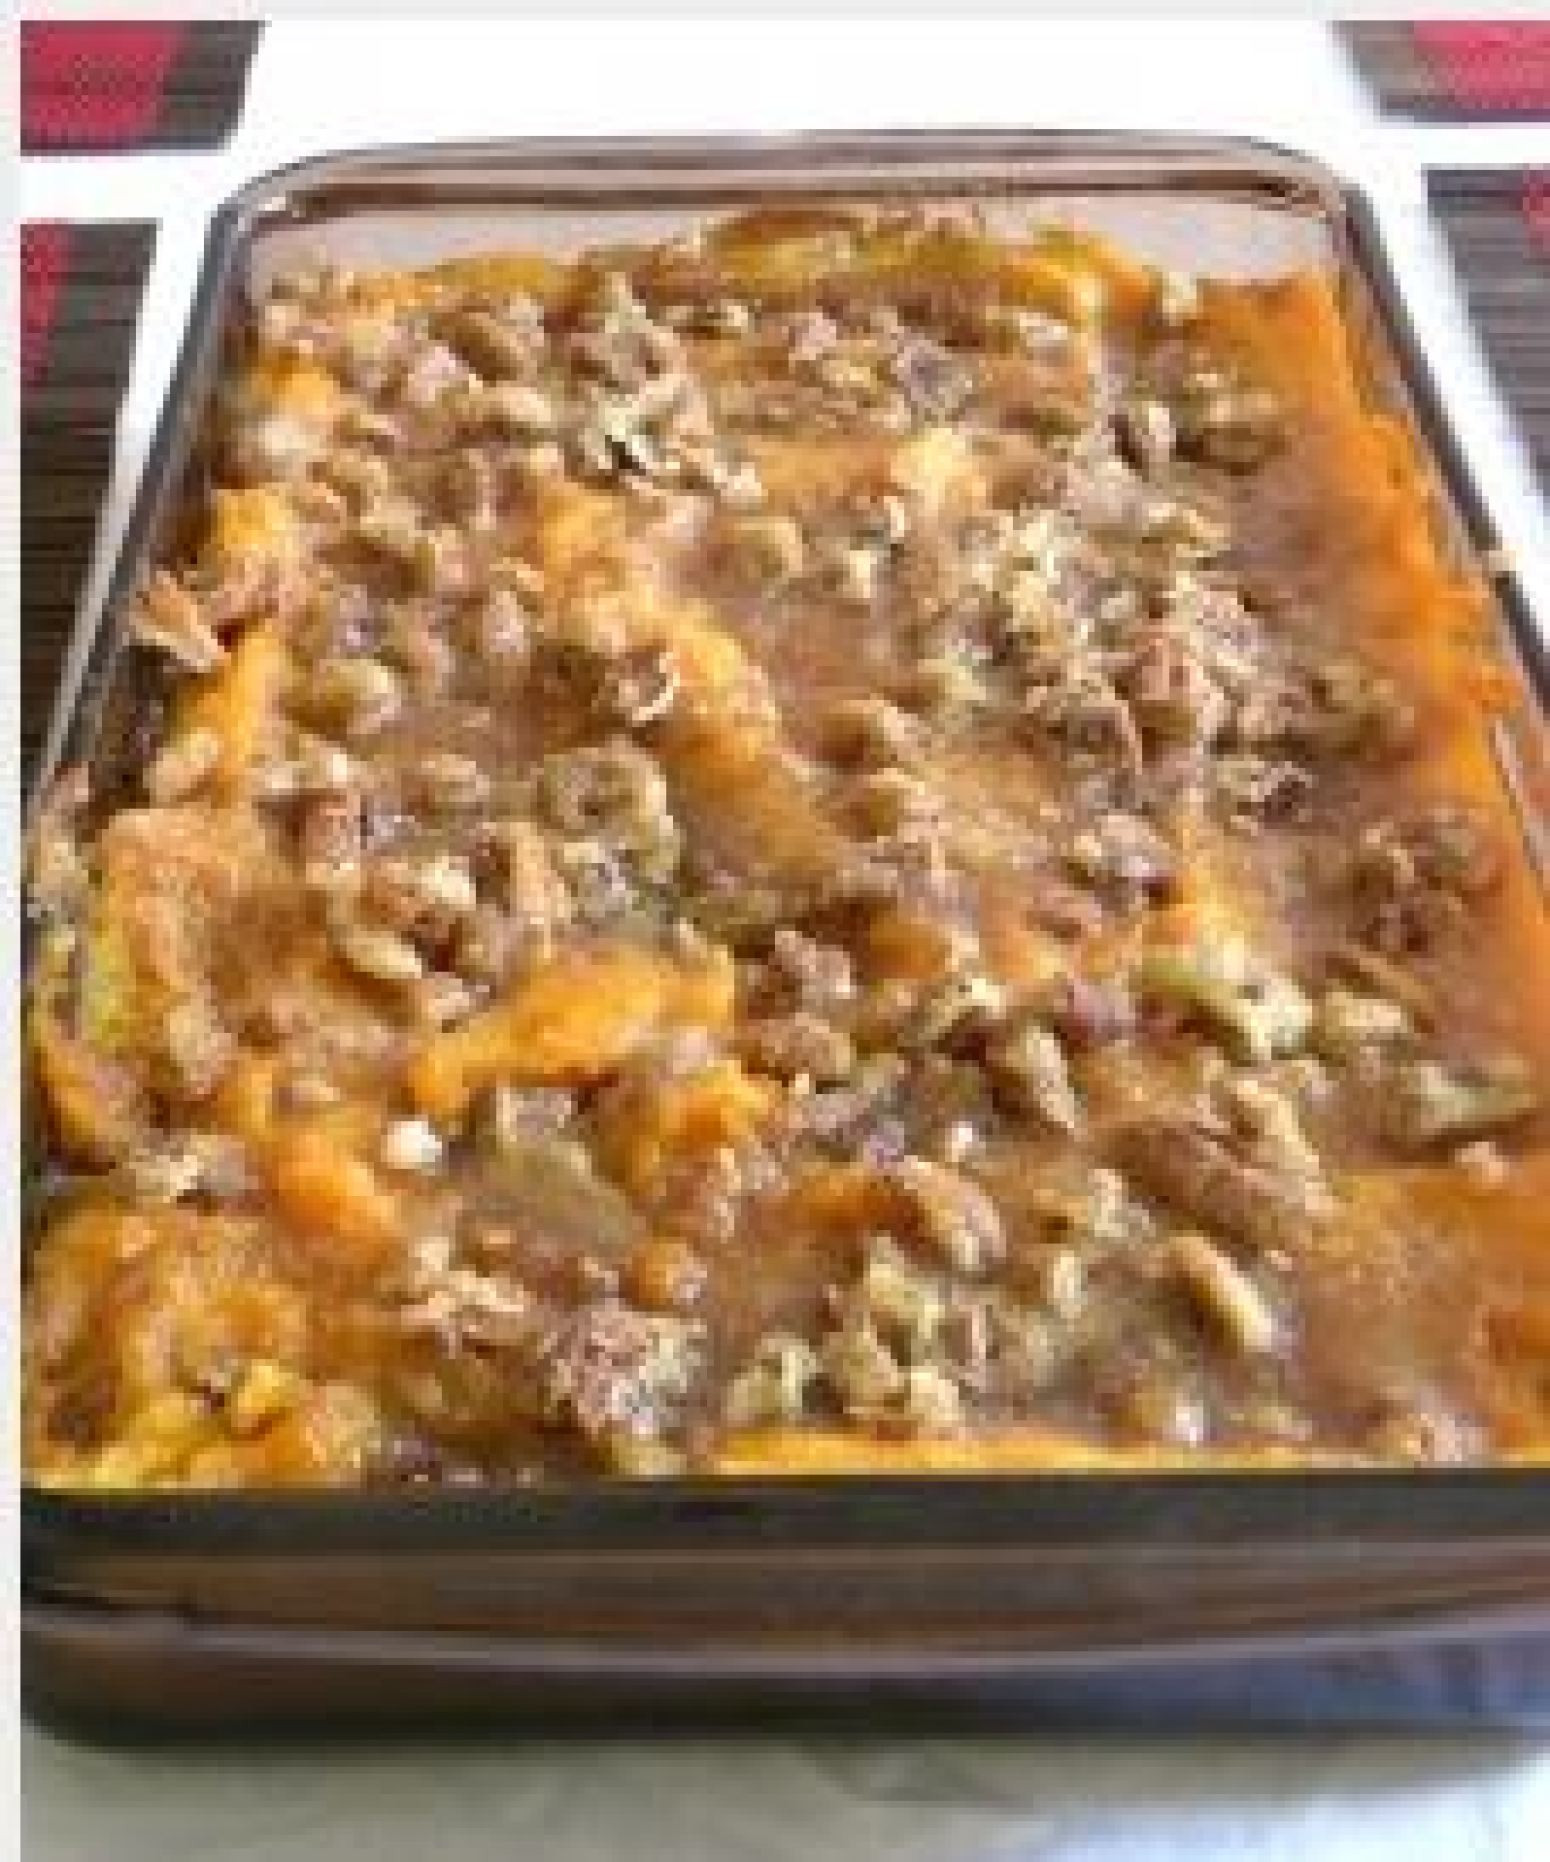 Crock Pot Sweet Potato Casserole  Crock Pot Sweet Potato Casserole Recipe 3